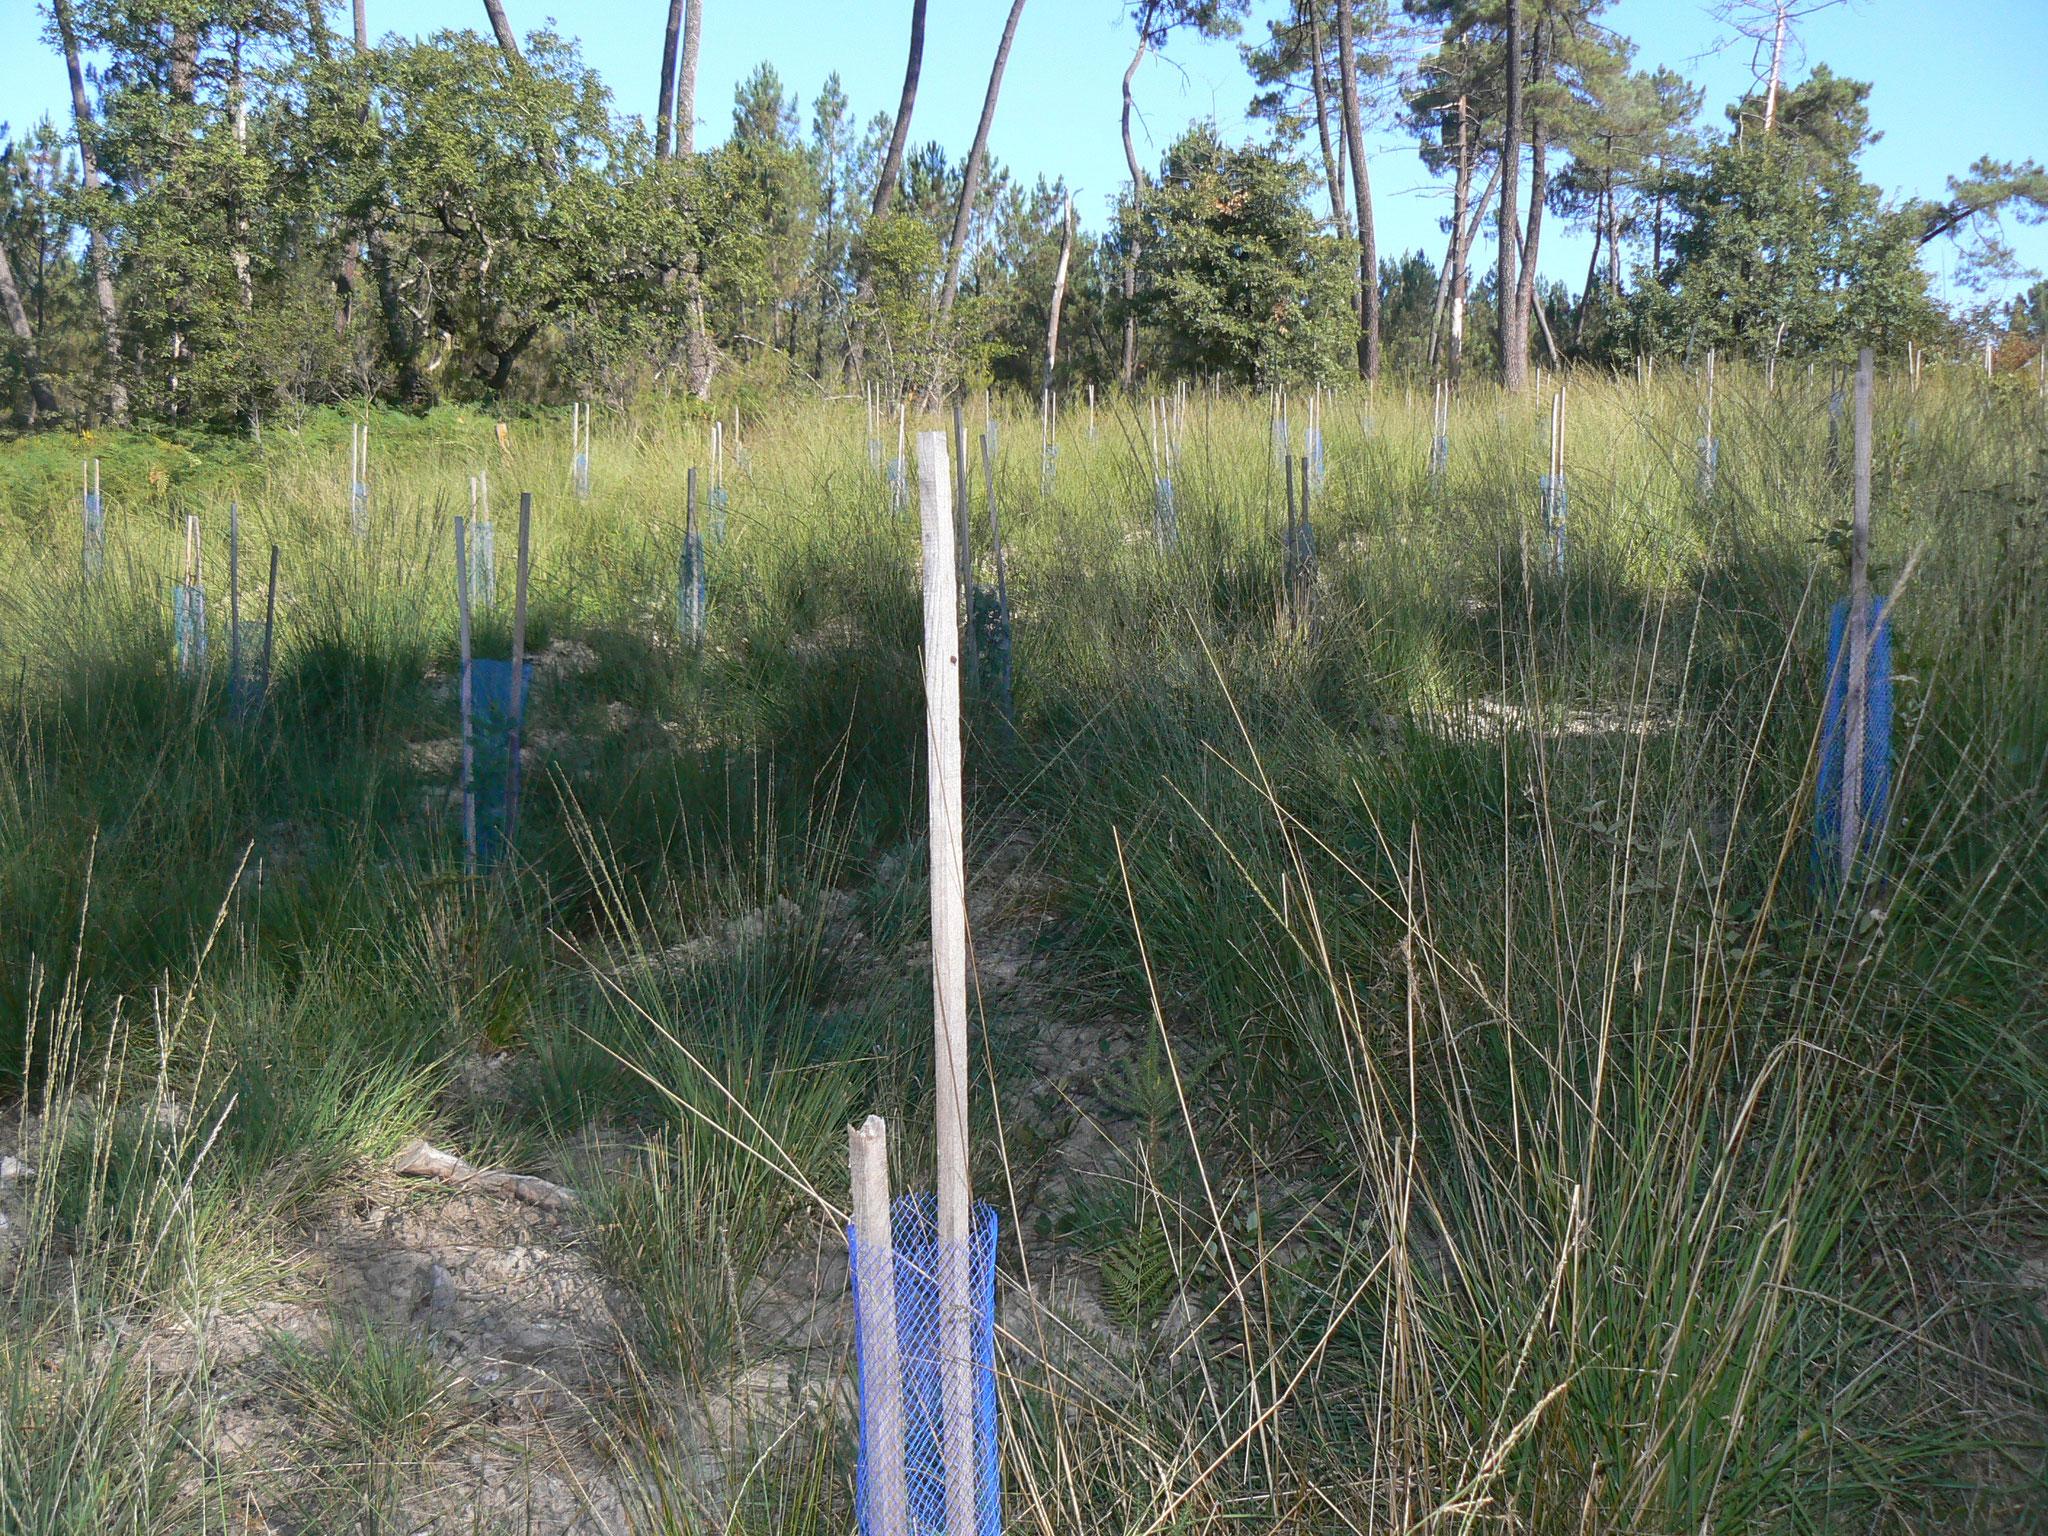 Pour la sauvegarde de la forêt et la diversification des essences   Un exemple pour l'environnement :  Une jeune plantation de chênes